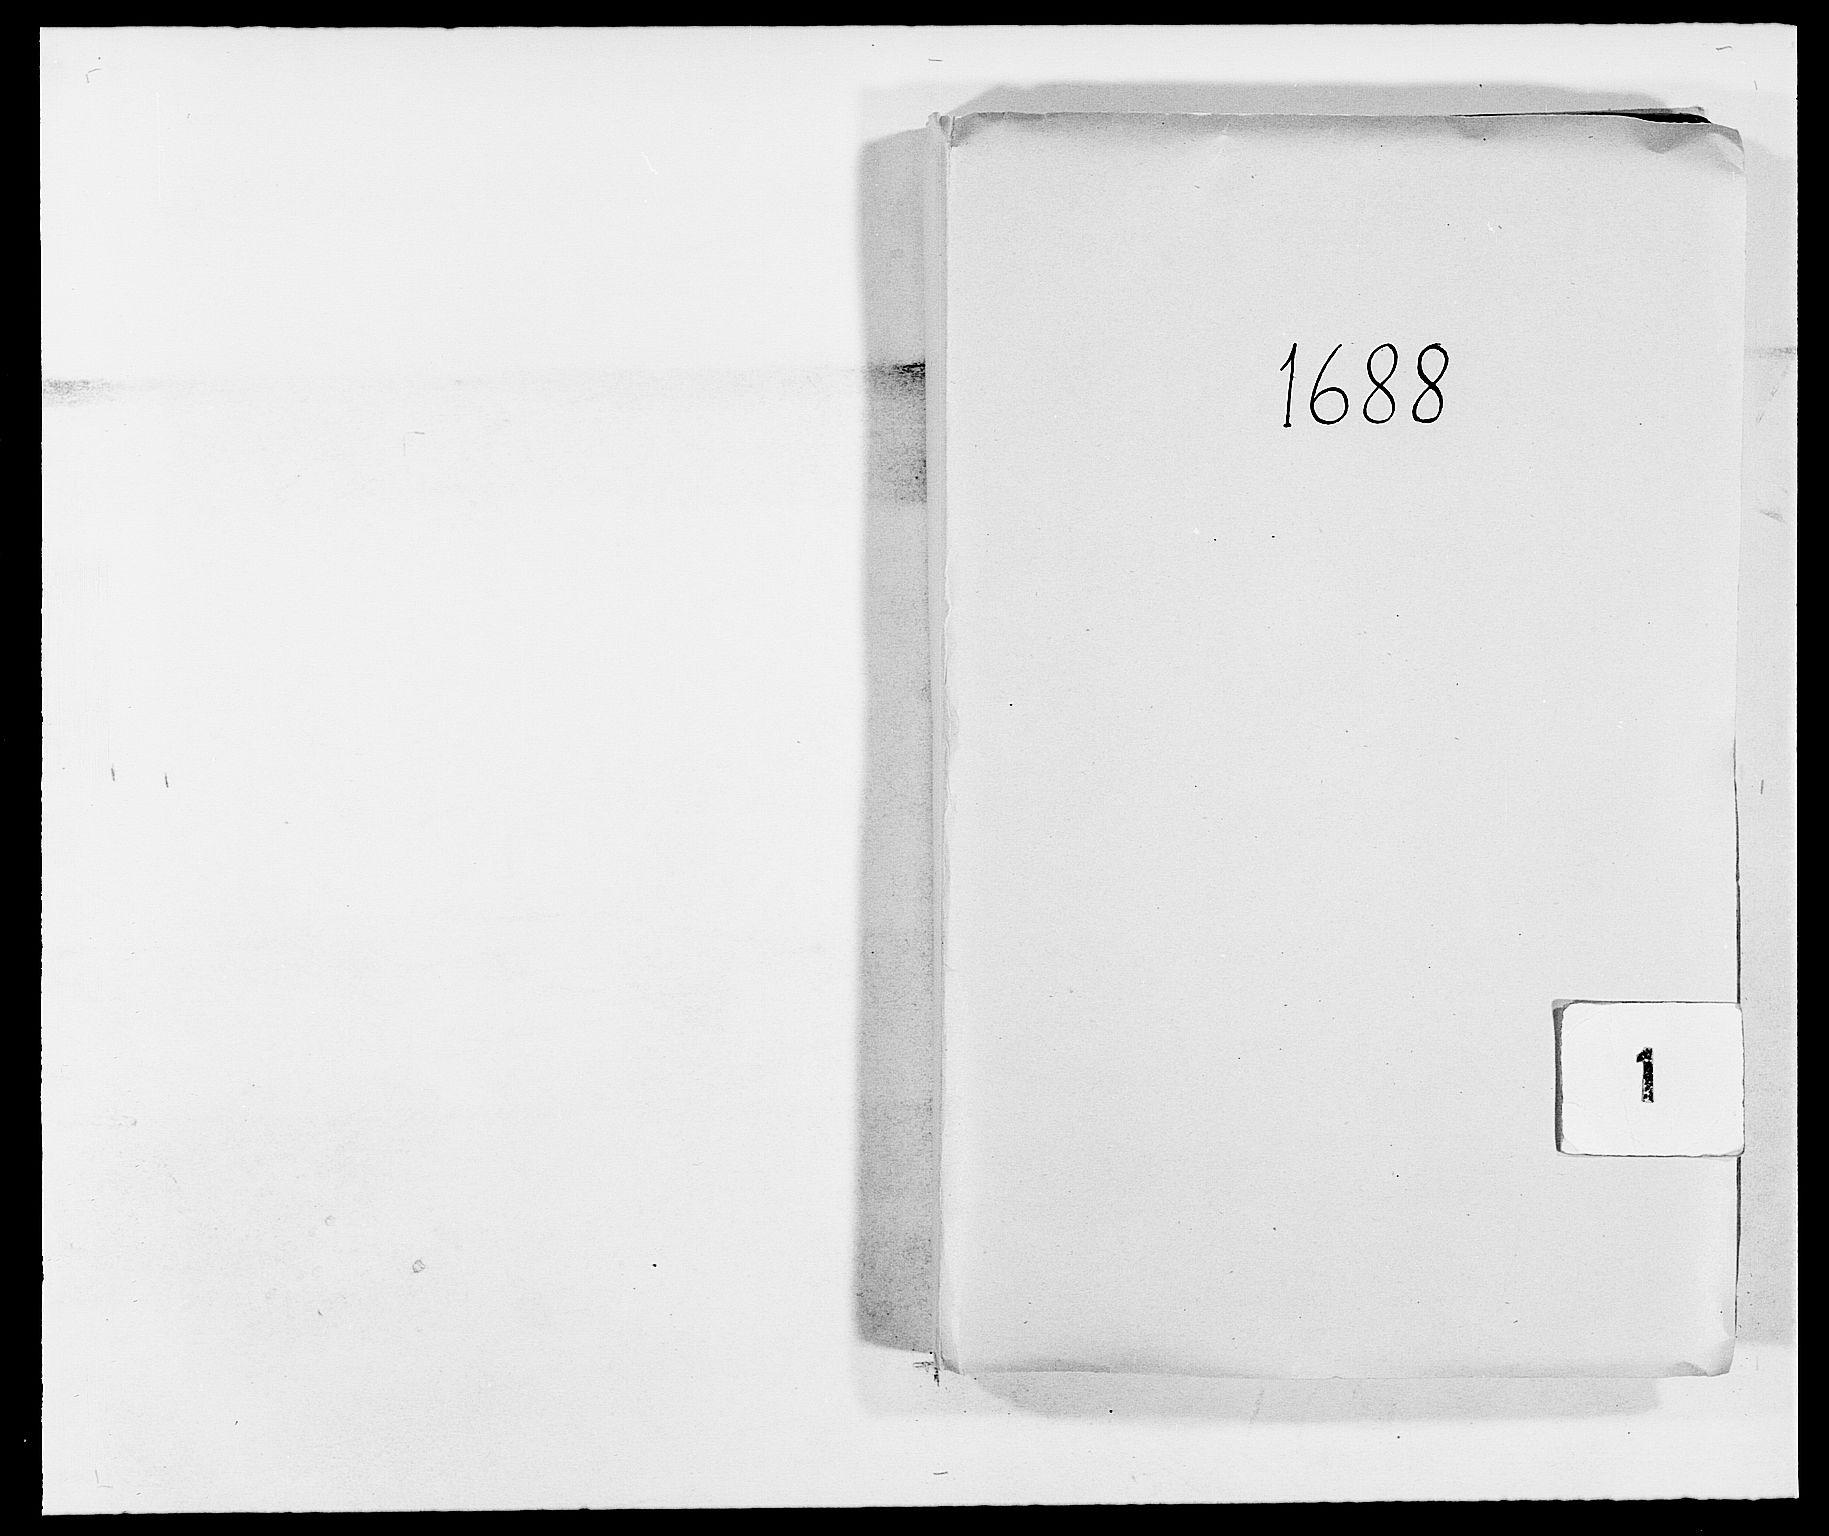 RA, Rentekammeret inntil 1814, Reviderte regnskaper, Fogderegnskap, R02/L0106: Fogderegnskap Moss og Verne kloster, 1688-1691, s. 1